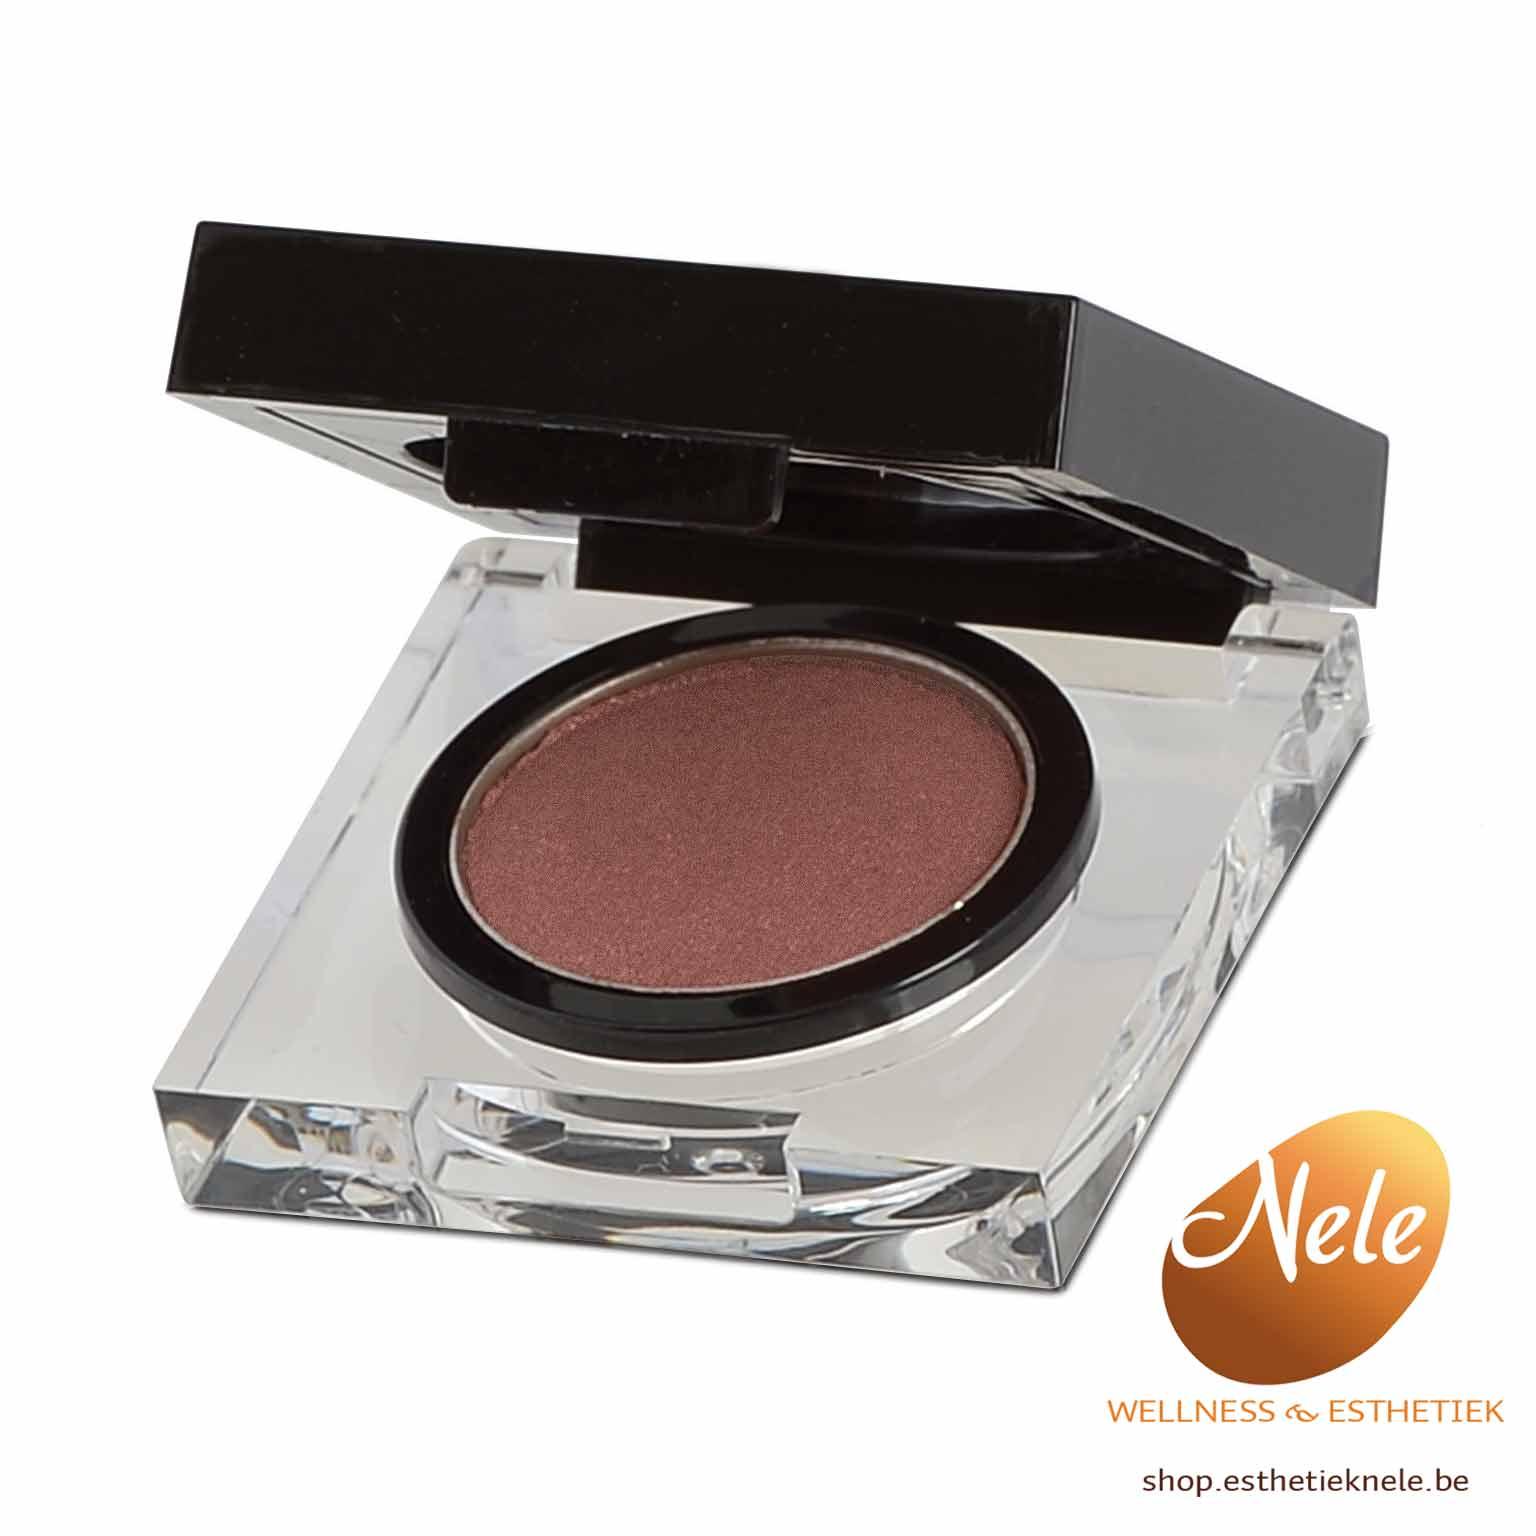 Mineralogie Minerale Make-up Compacte Oogschaduw Wellness-Esthetiek Nele